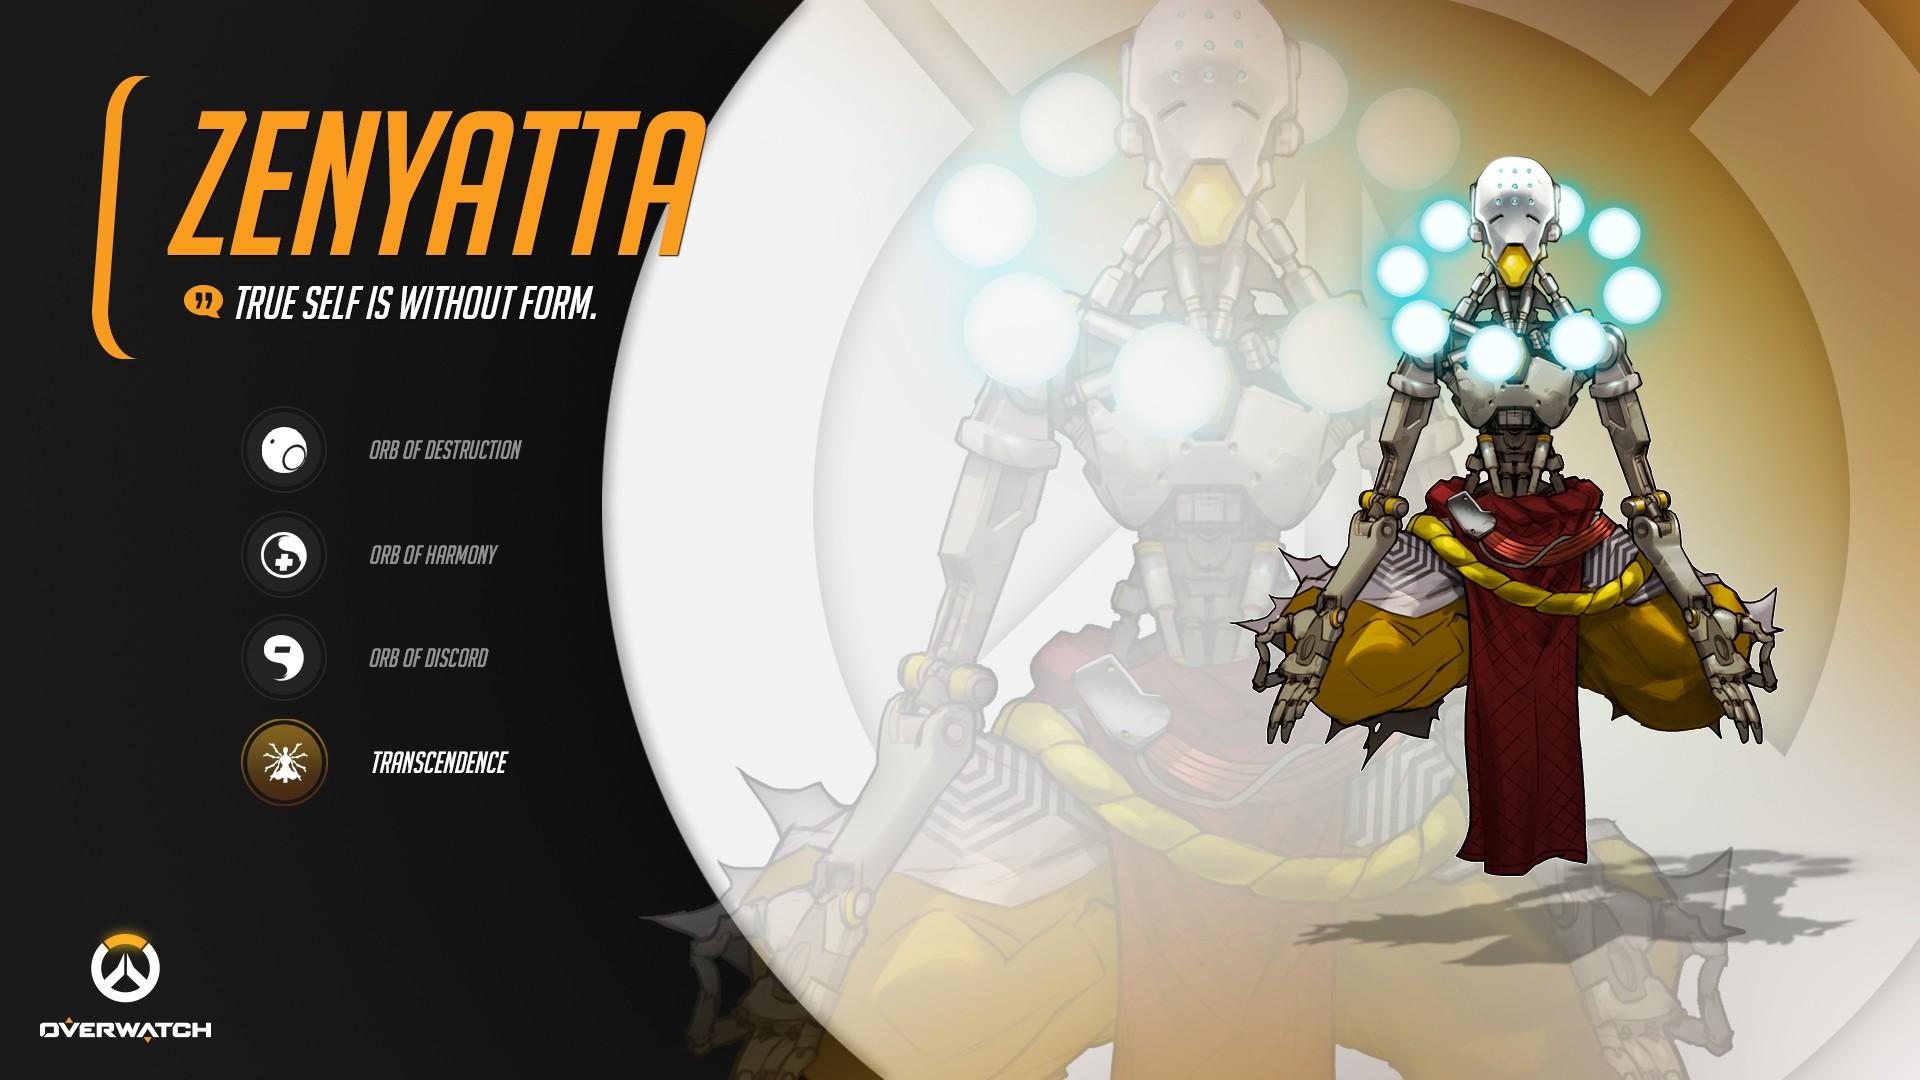 Zenyatta Blizzard Entertainment Overwatch Video Games